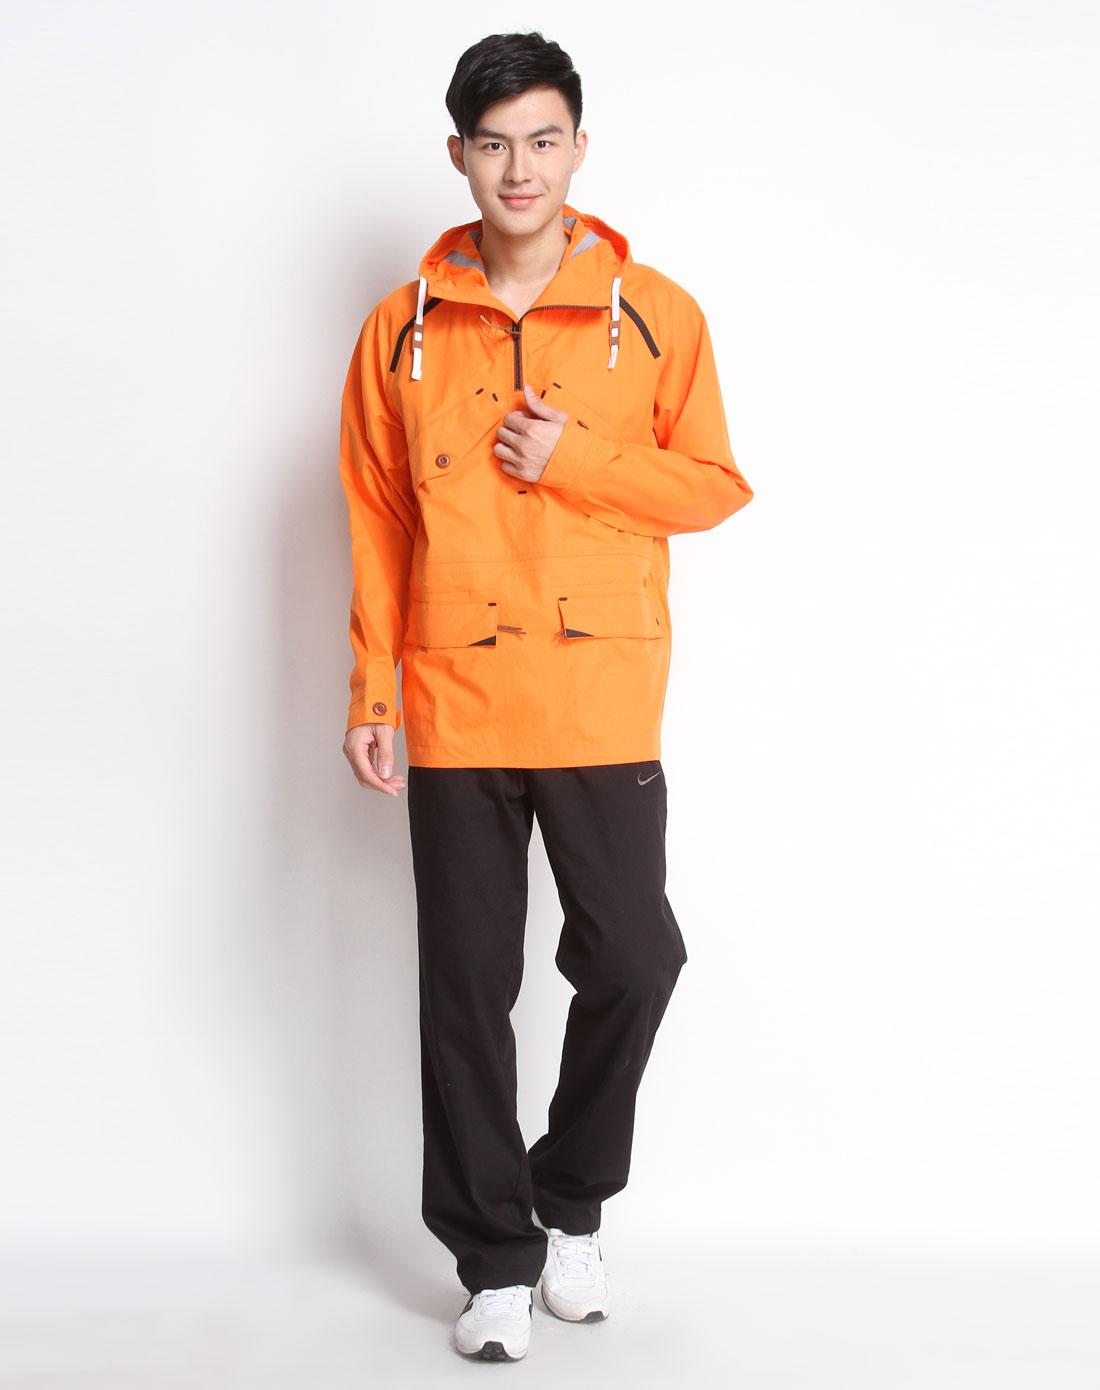 耐克nike 男款连帽橙桔色长袖外套